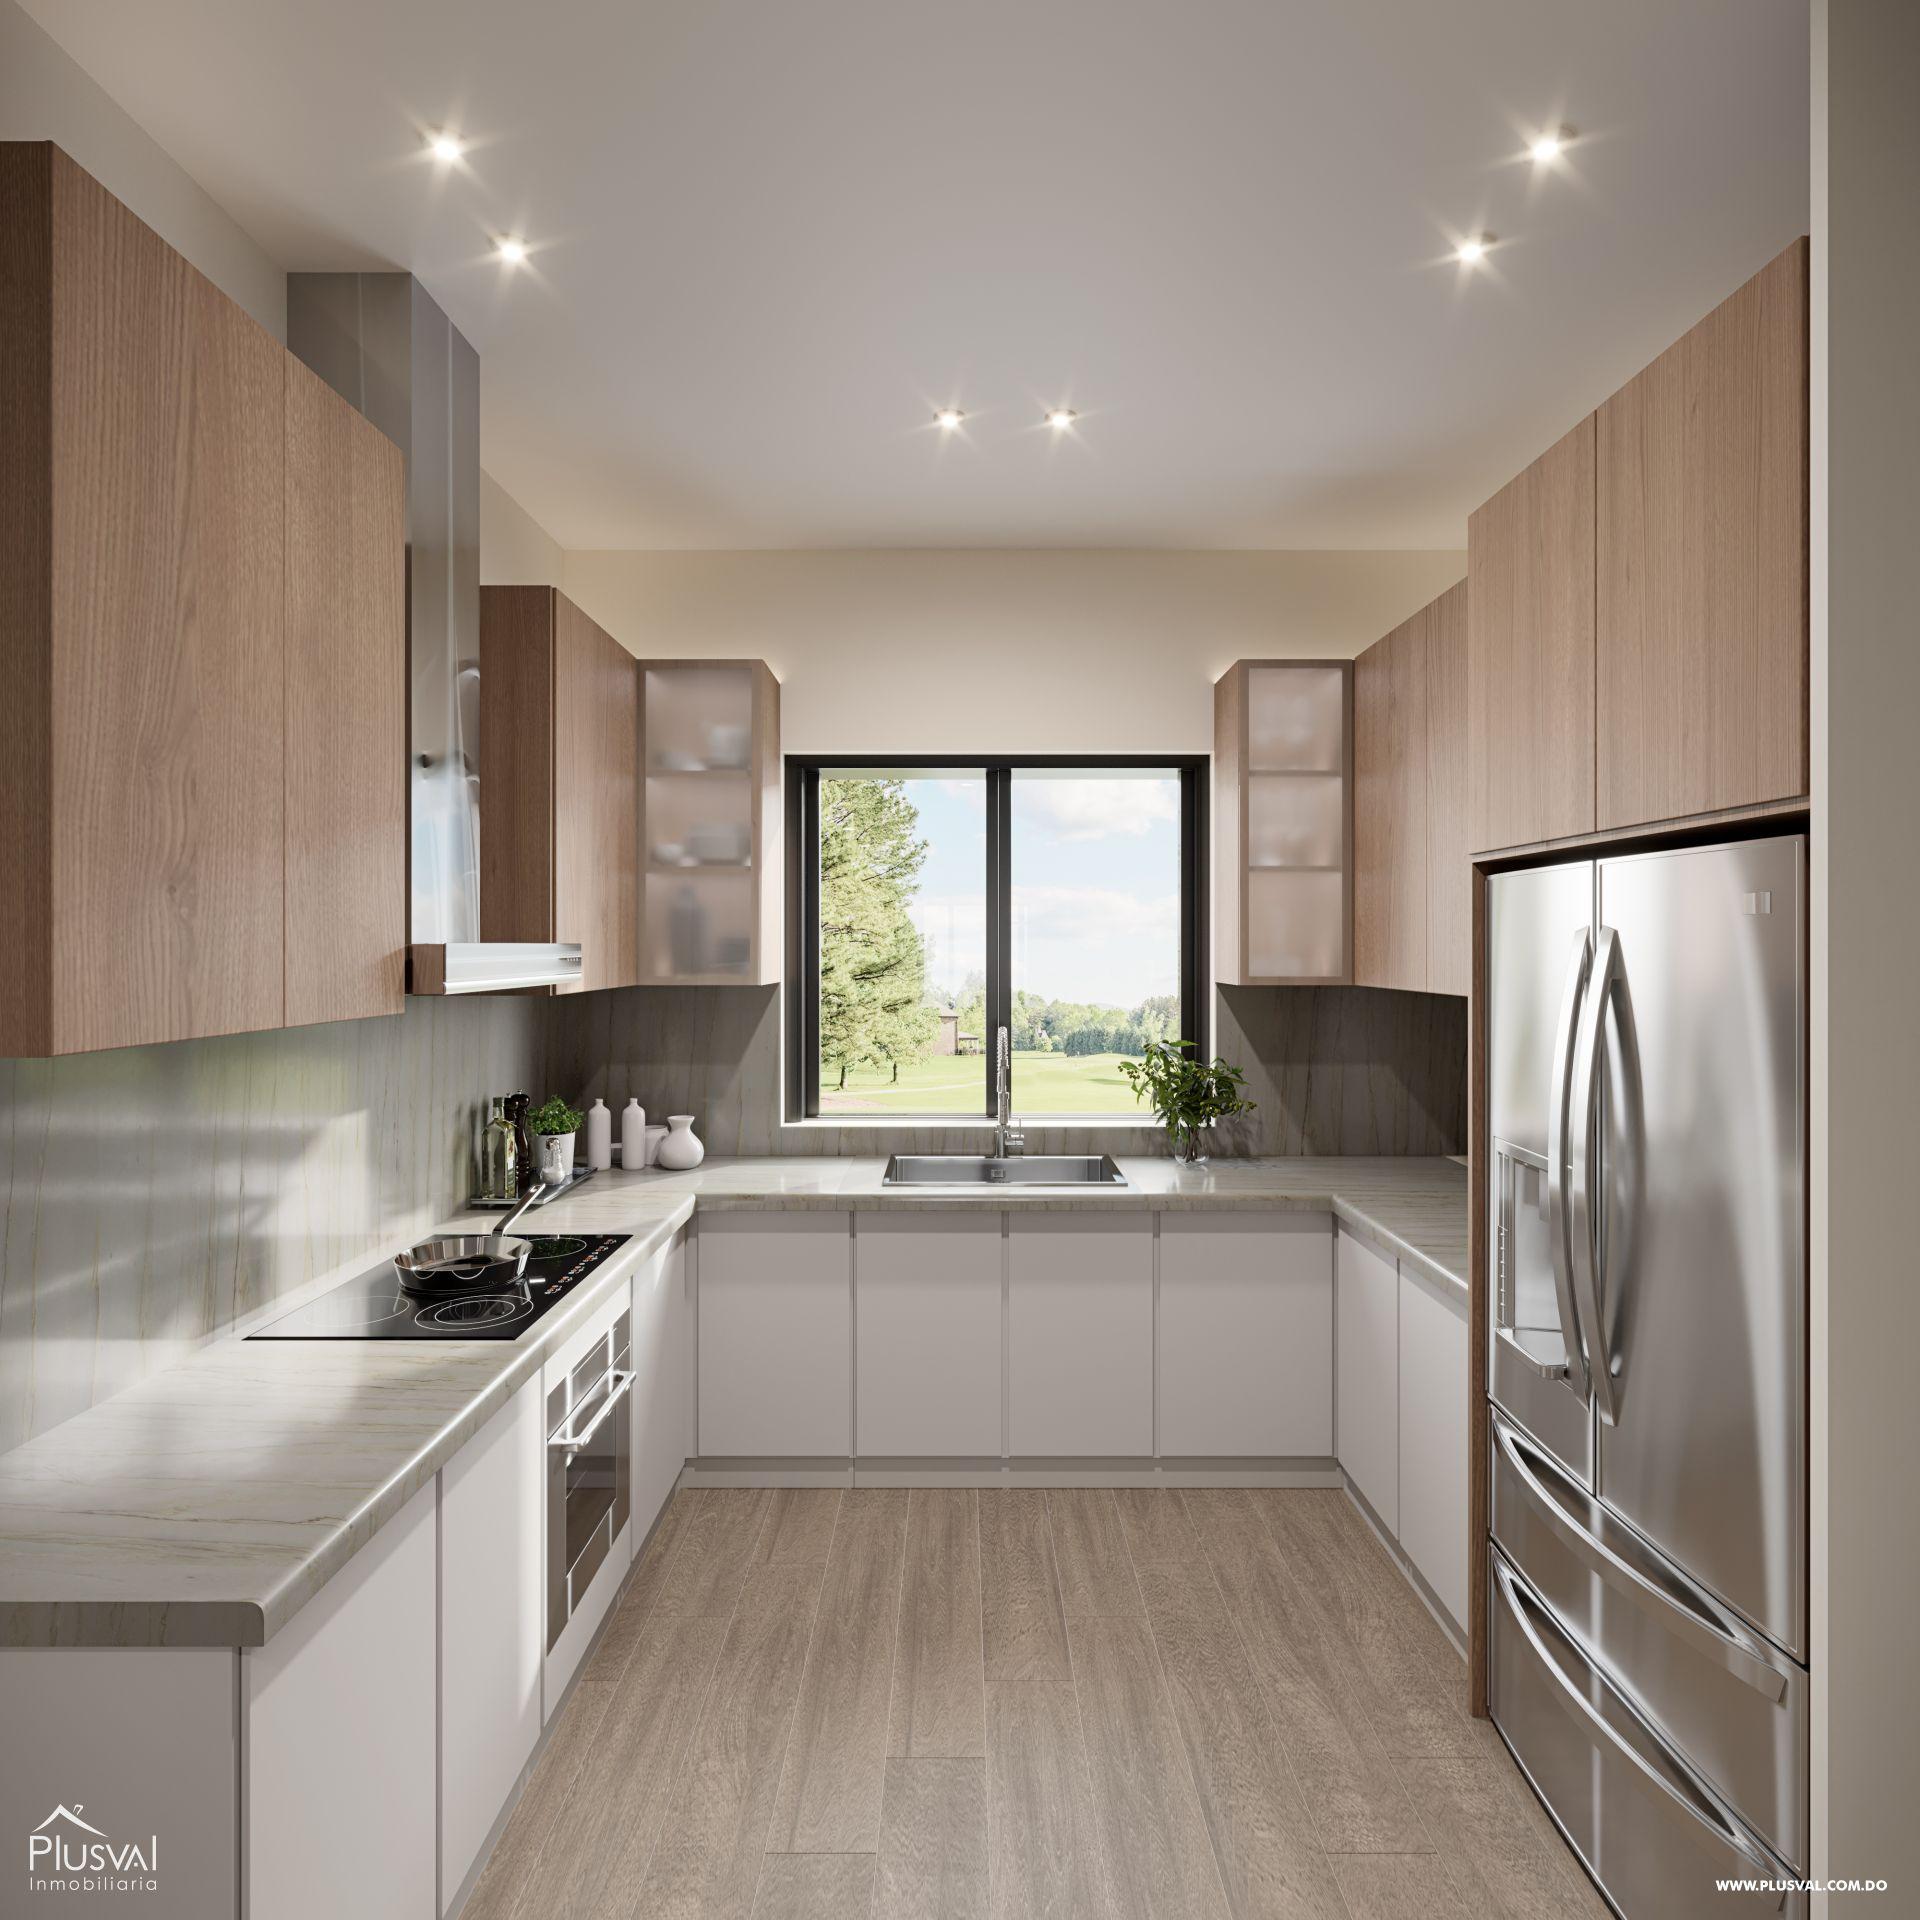 Apartamentos en Venta, en exclusiva comunidad en Cana Bay 190048